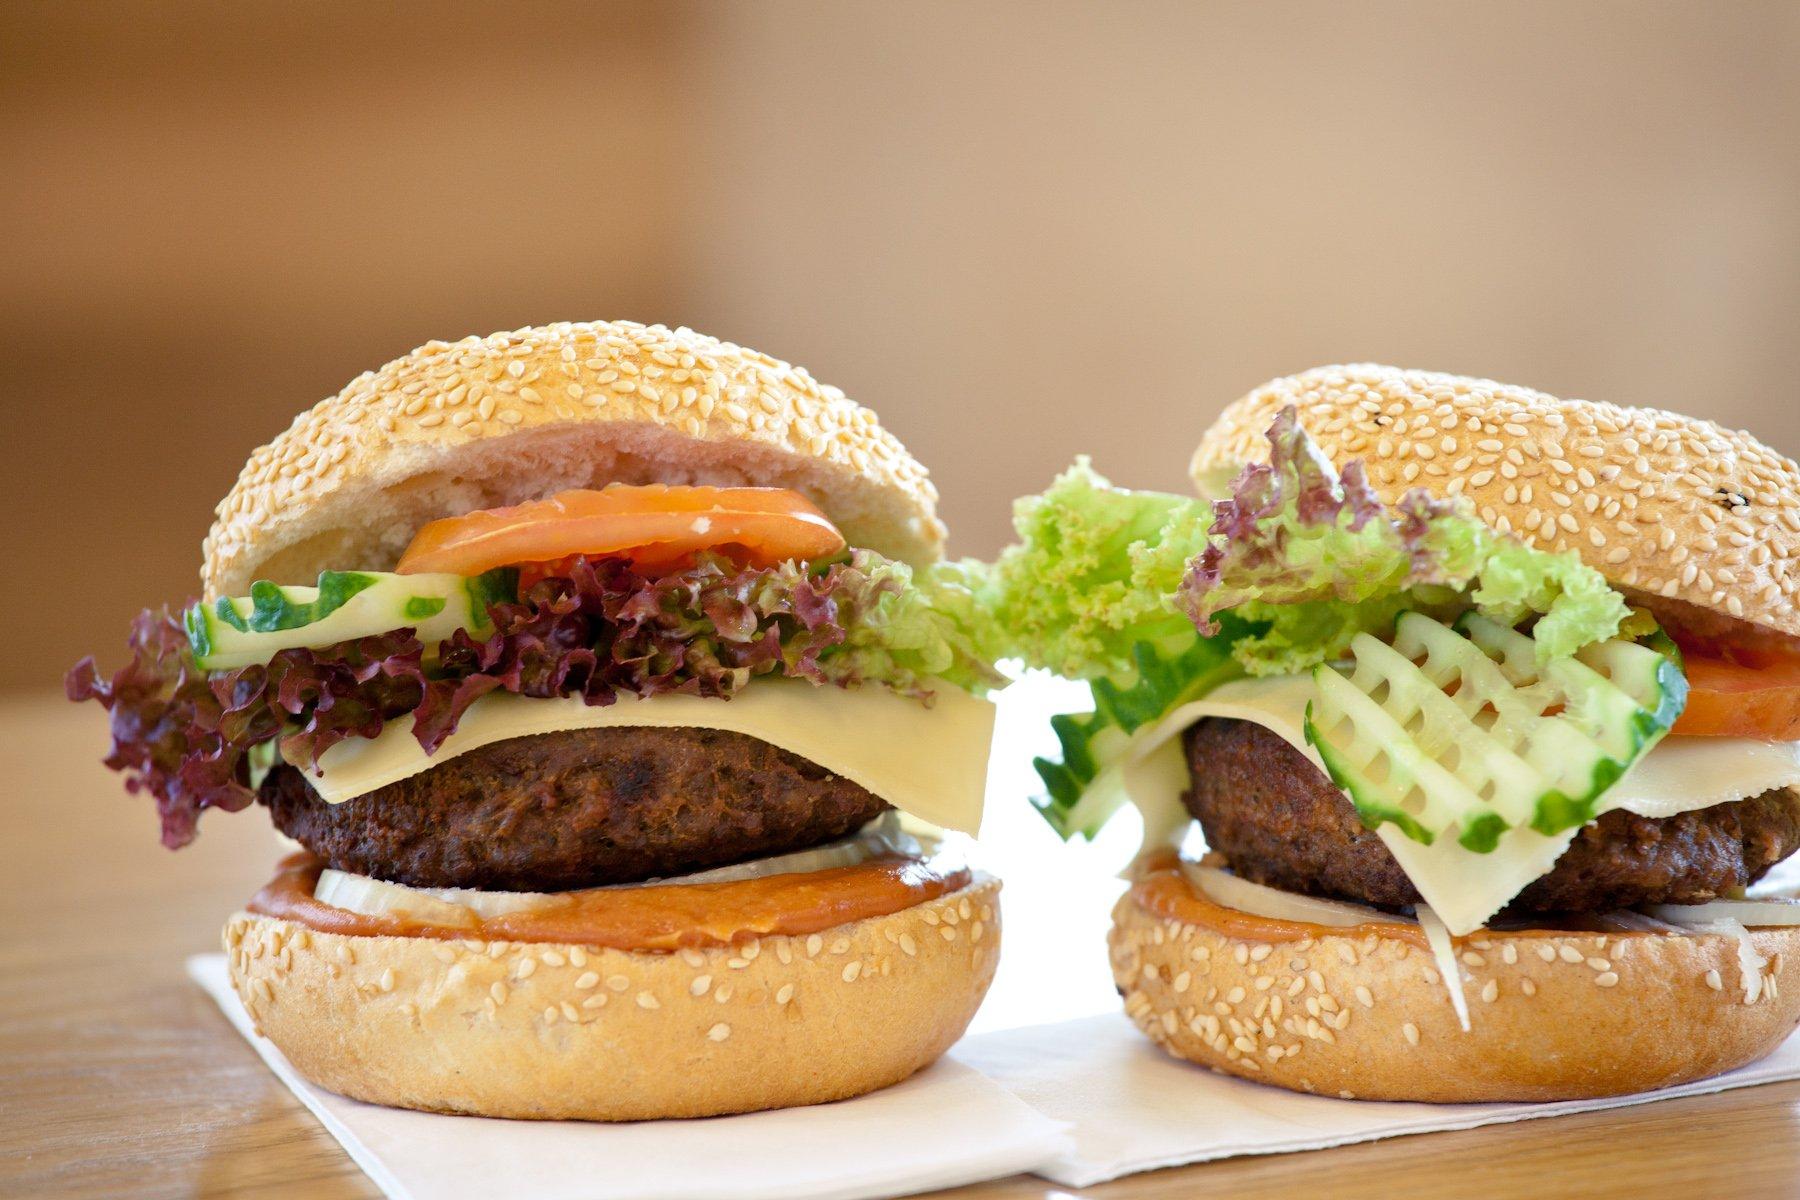 Ein echt-regionaler Weissensteiner-Burger Zutaten, die ausschließlich aus der Region stammen!